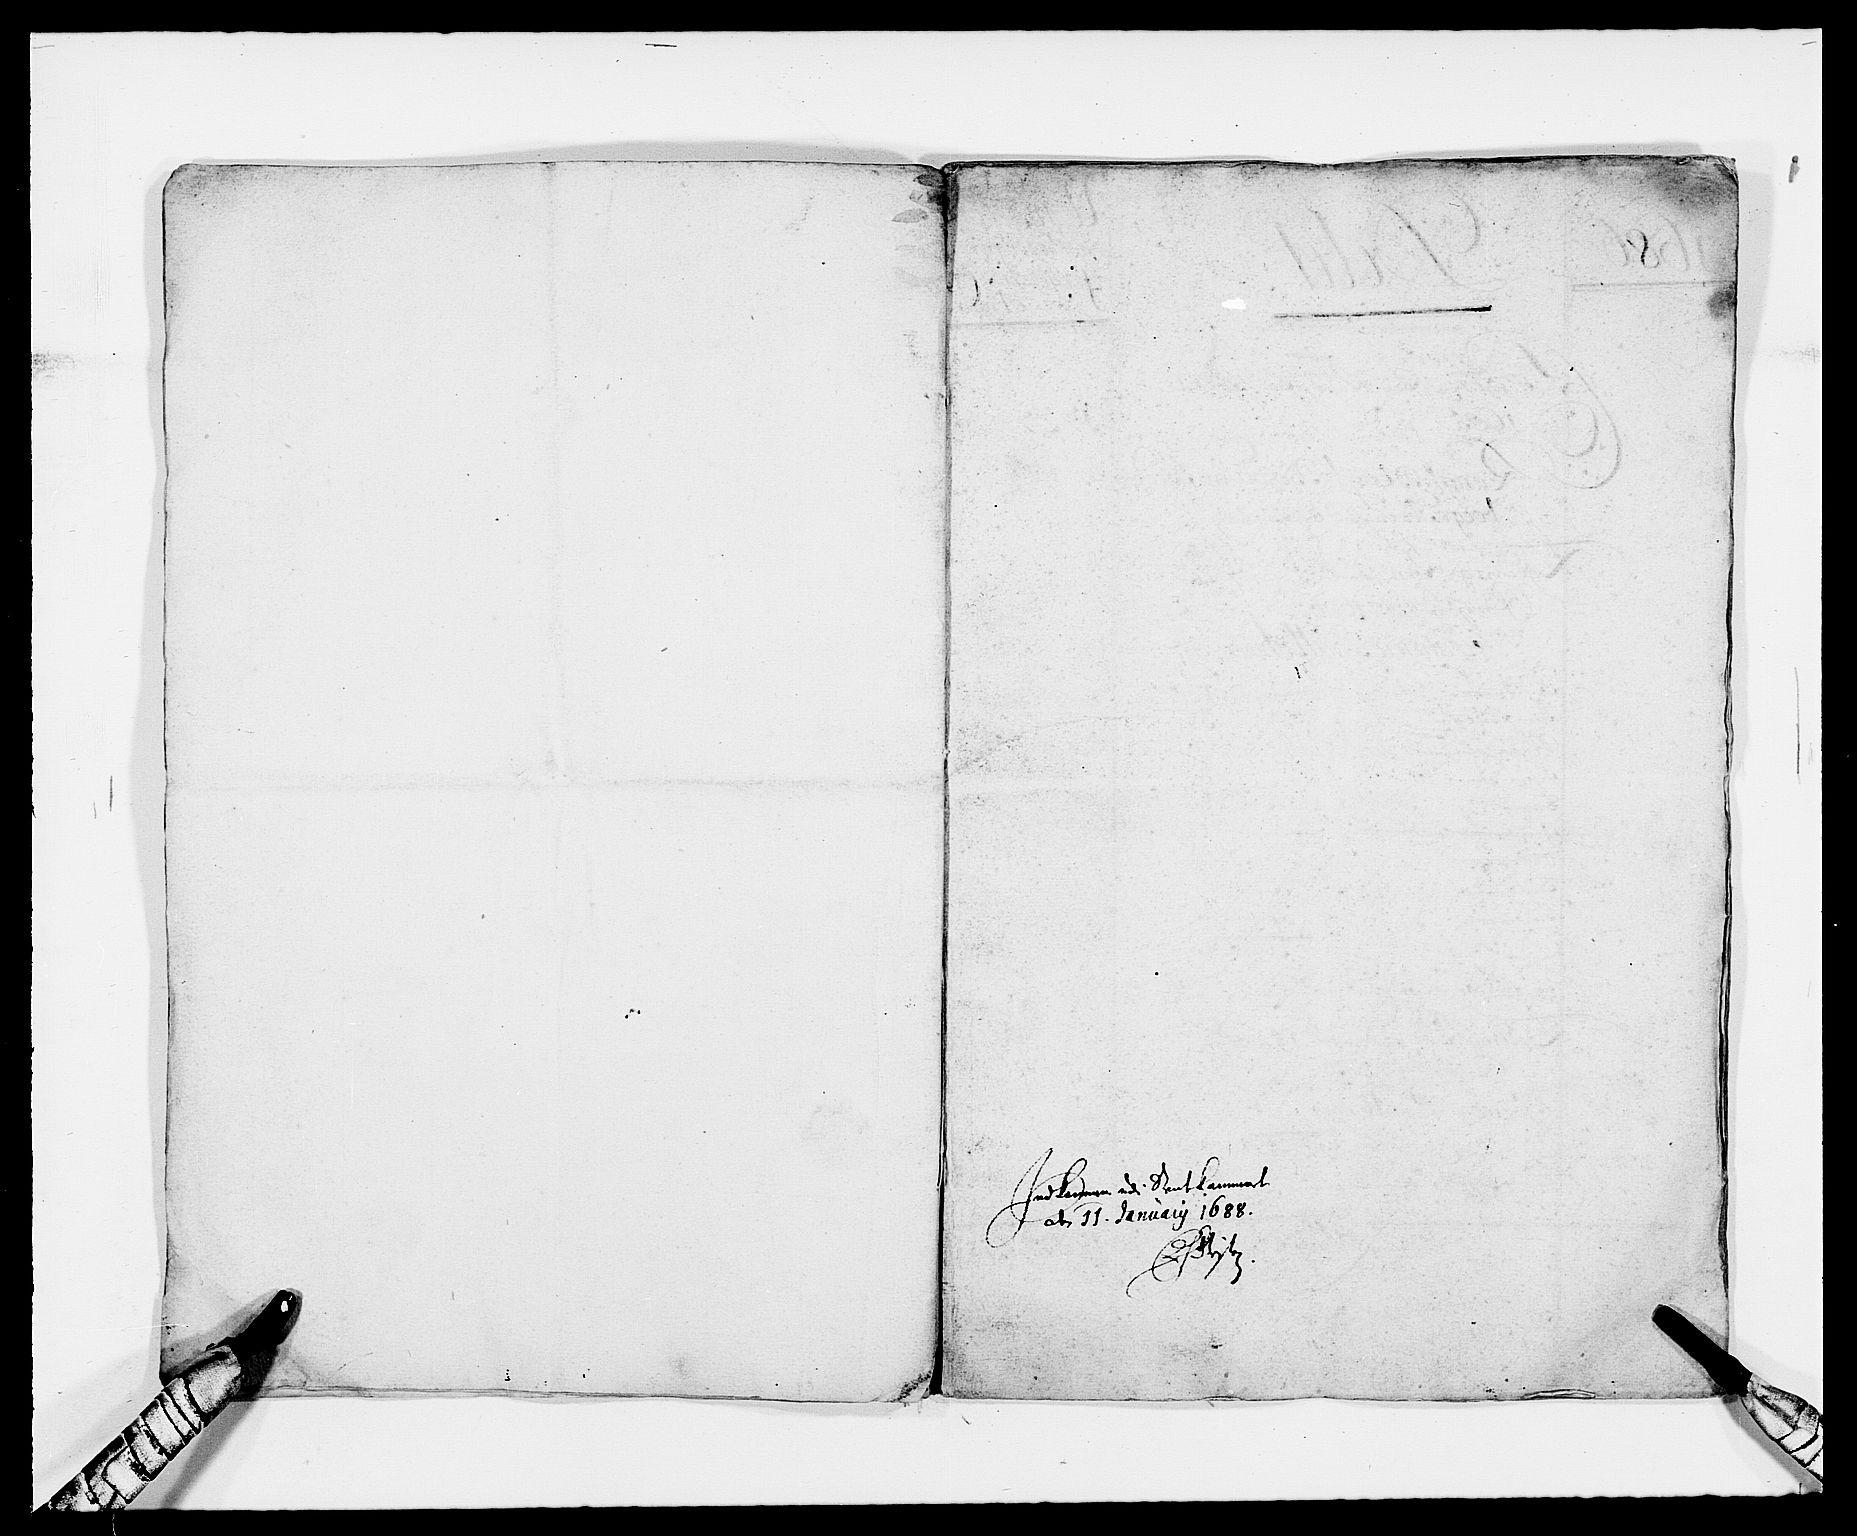 RA, Rentekammeret inntil 1814, Reviderte regnskaper, Fogderegnskap, R34/L2048: Fogderegnskap Bamble, 1685-1687, s. 6